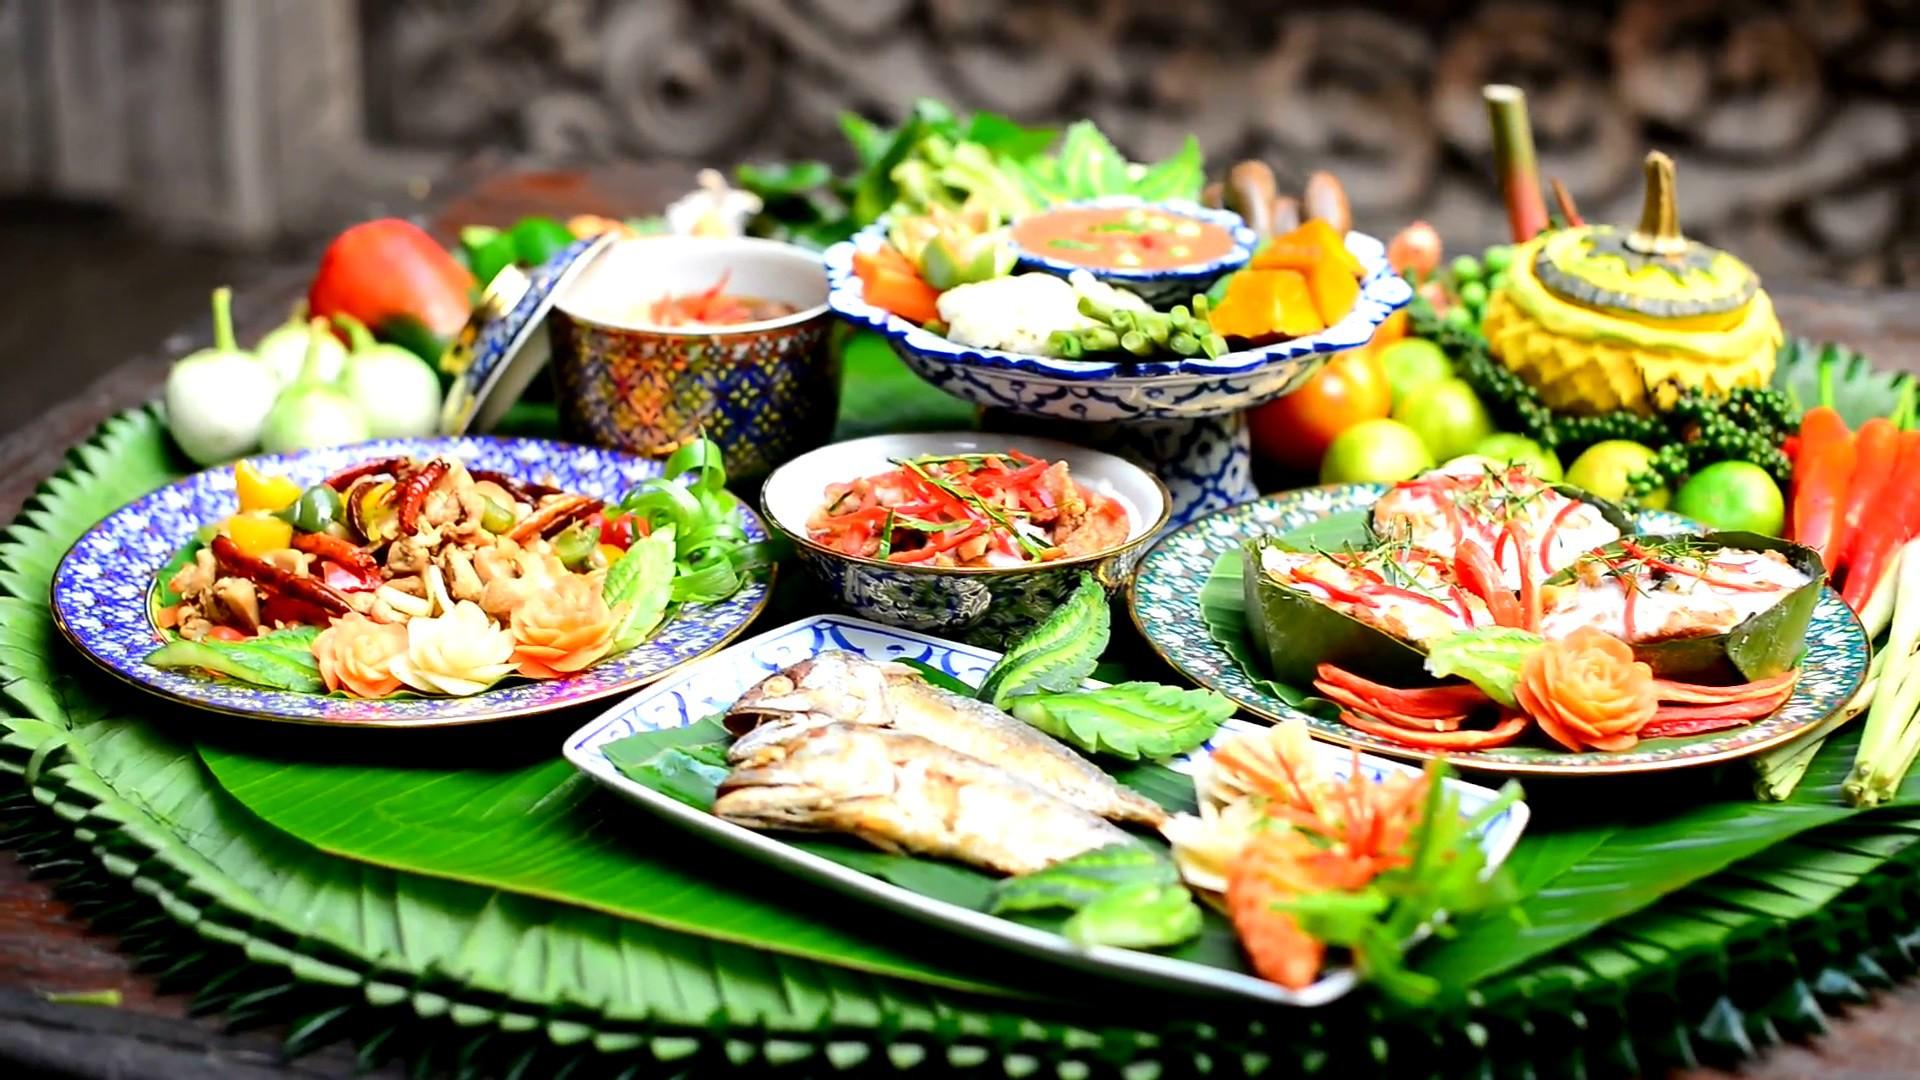 Những lầm tưởng và sai lầm phổ biến khi ăn món Thái mà ai cũng cần phải biết - Ảnh 5.